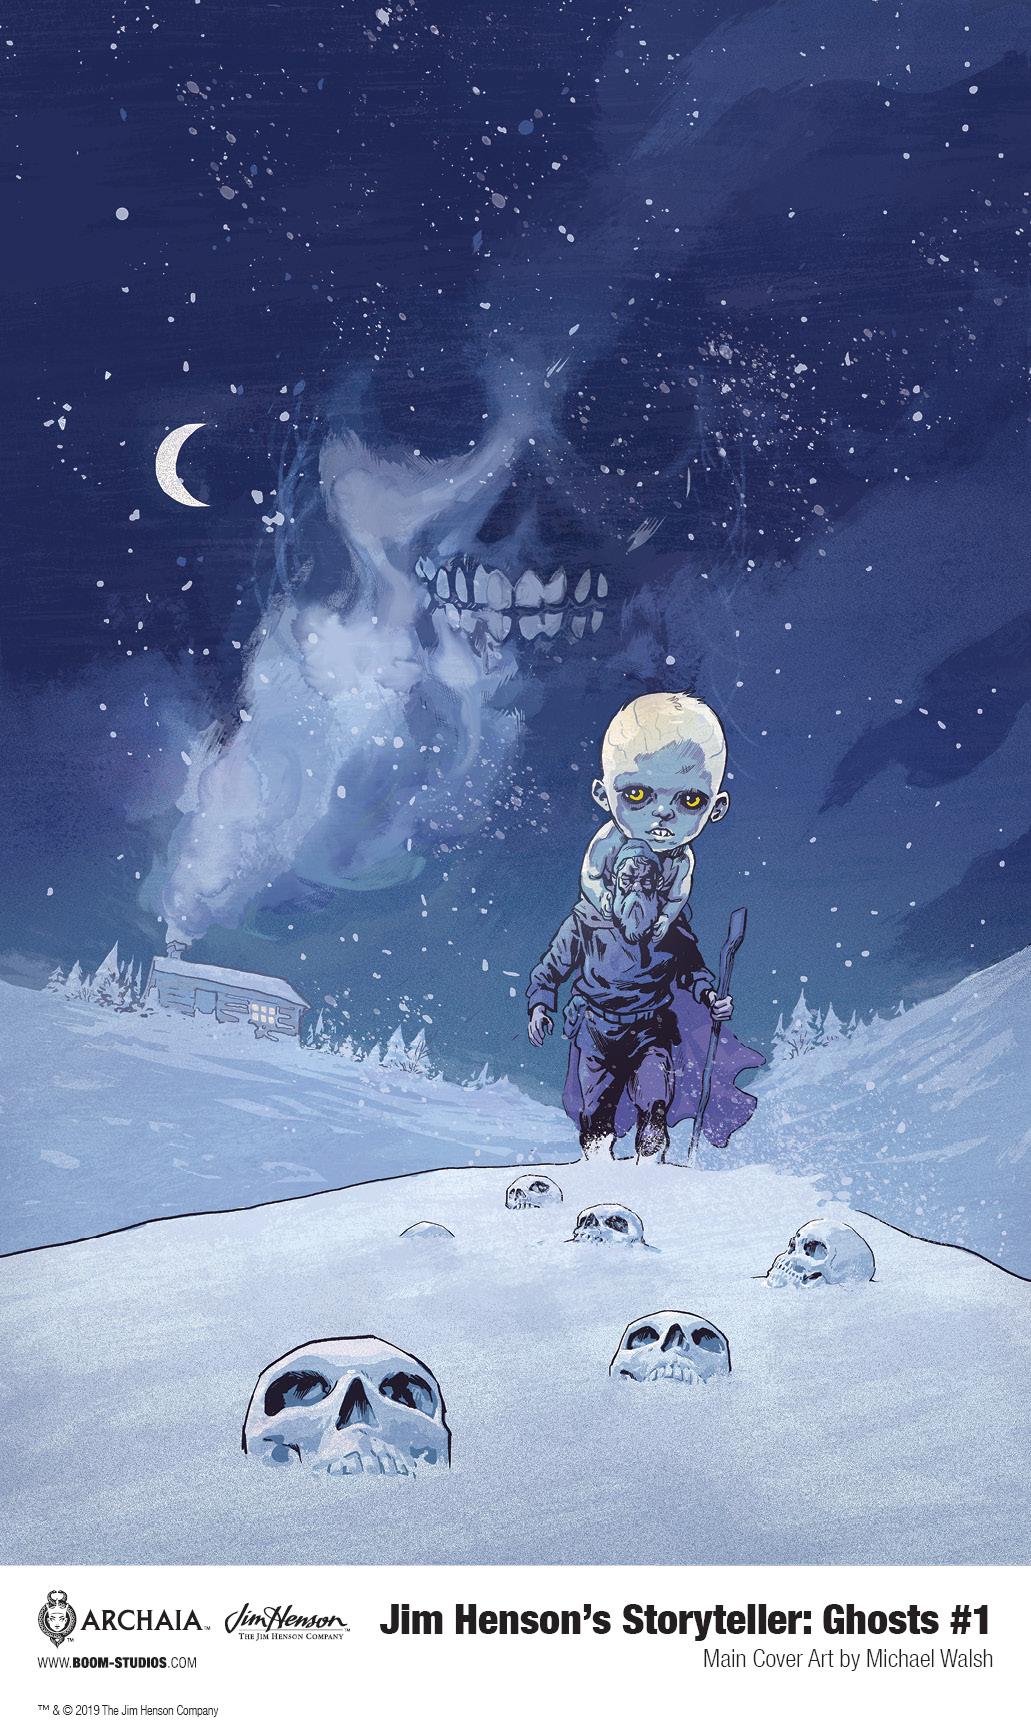 Jim Henson's The Storyteller: Ghosts #1